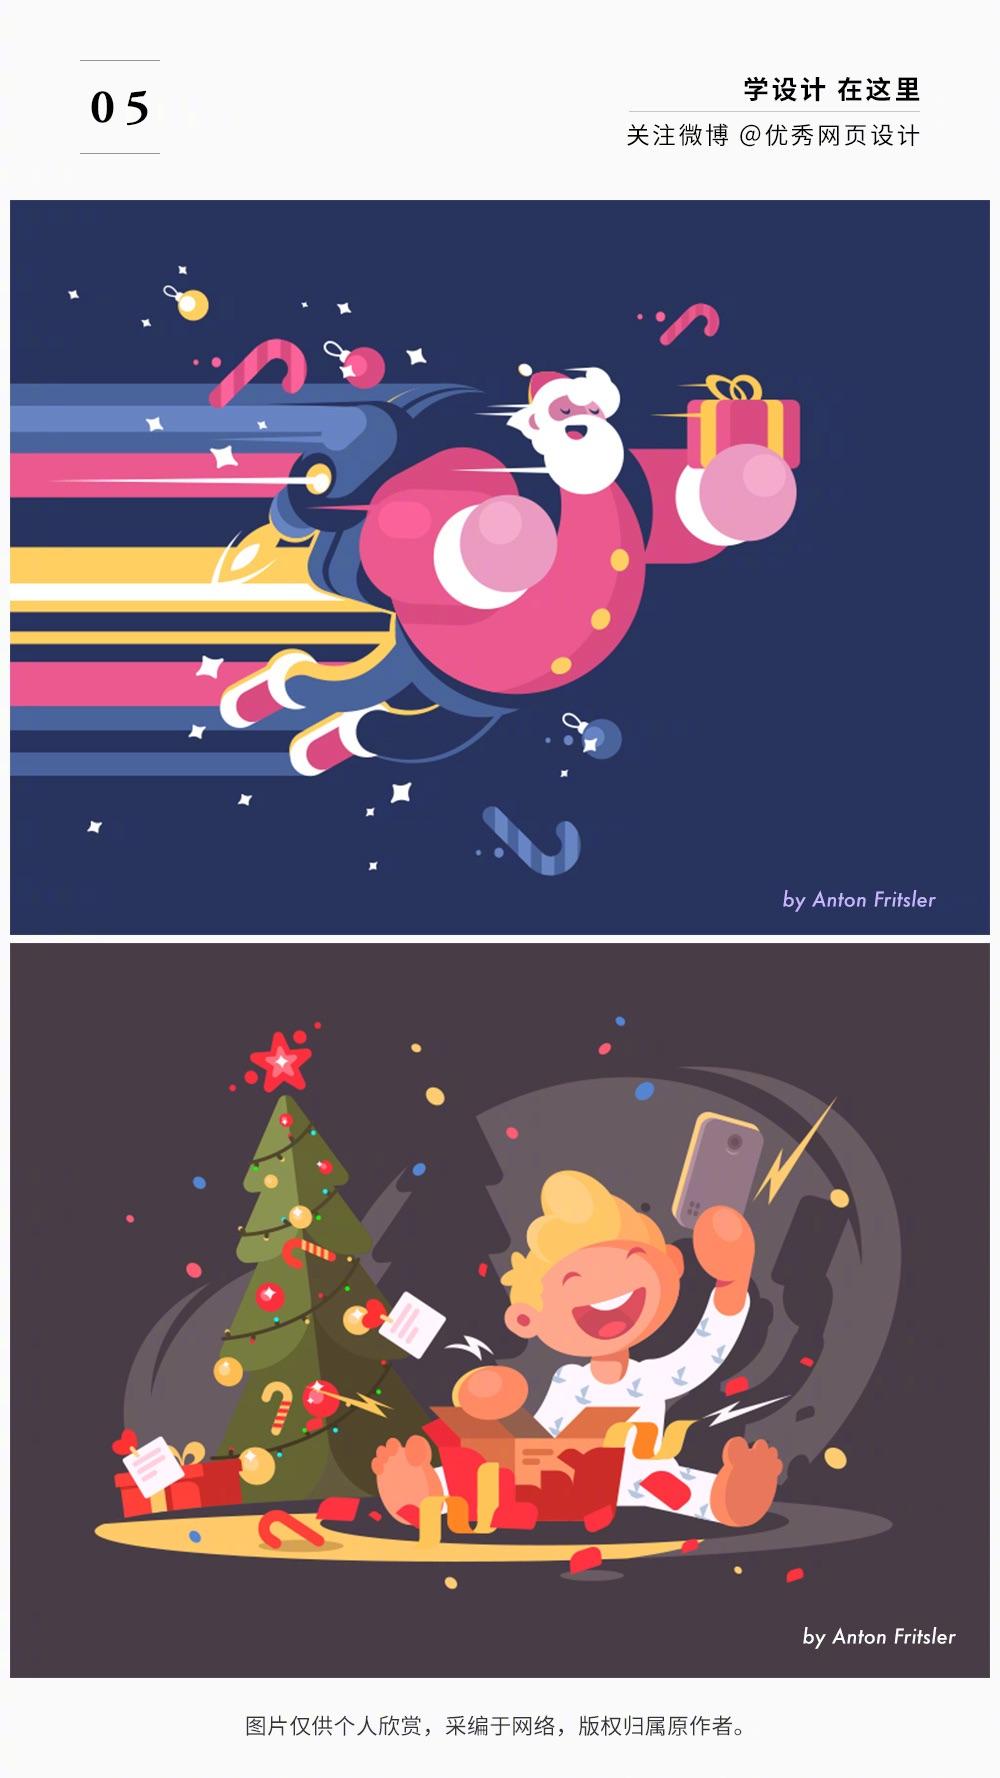 制作圣诞节相关设计还得看这些!